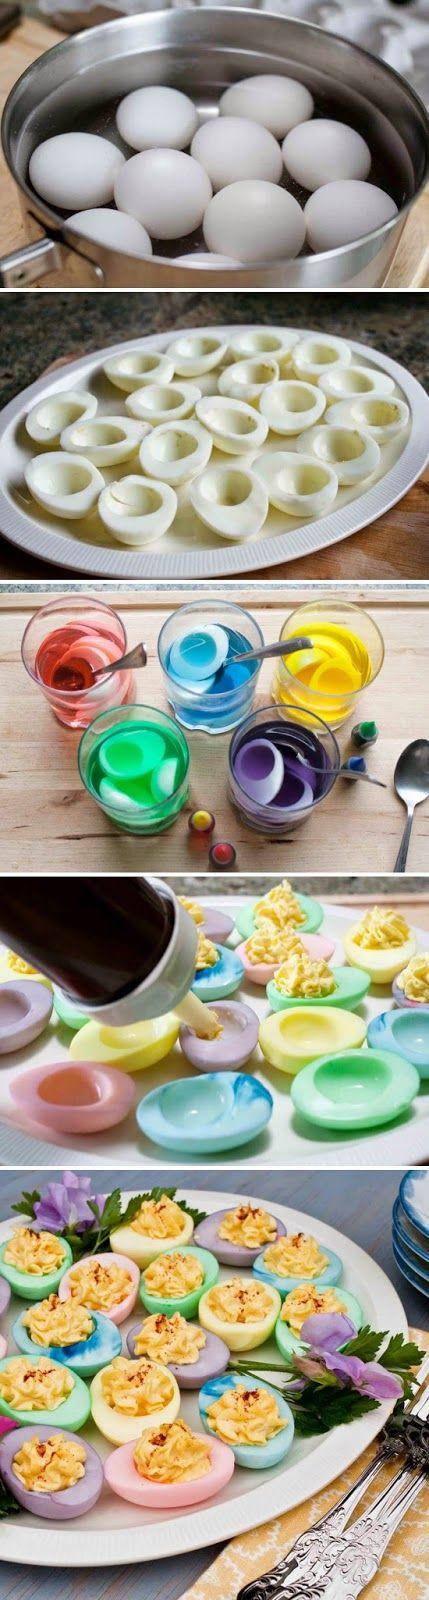 Gekochte Eierhälften mit Lebensmittelfarbe einfärben #Knalleridee zu #Ostern